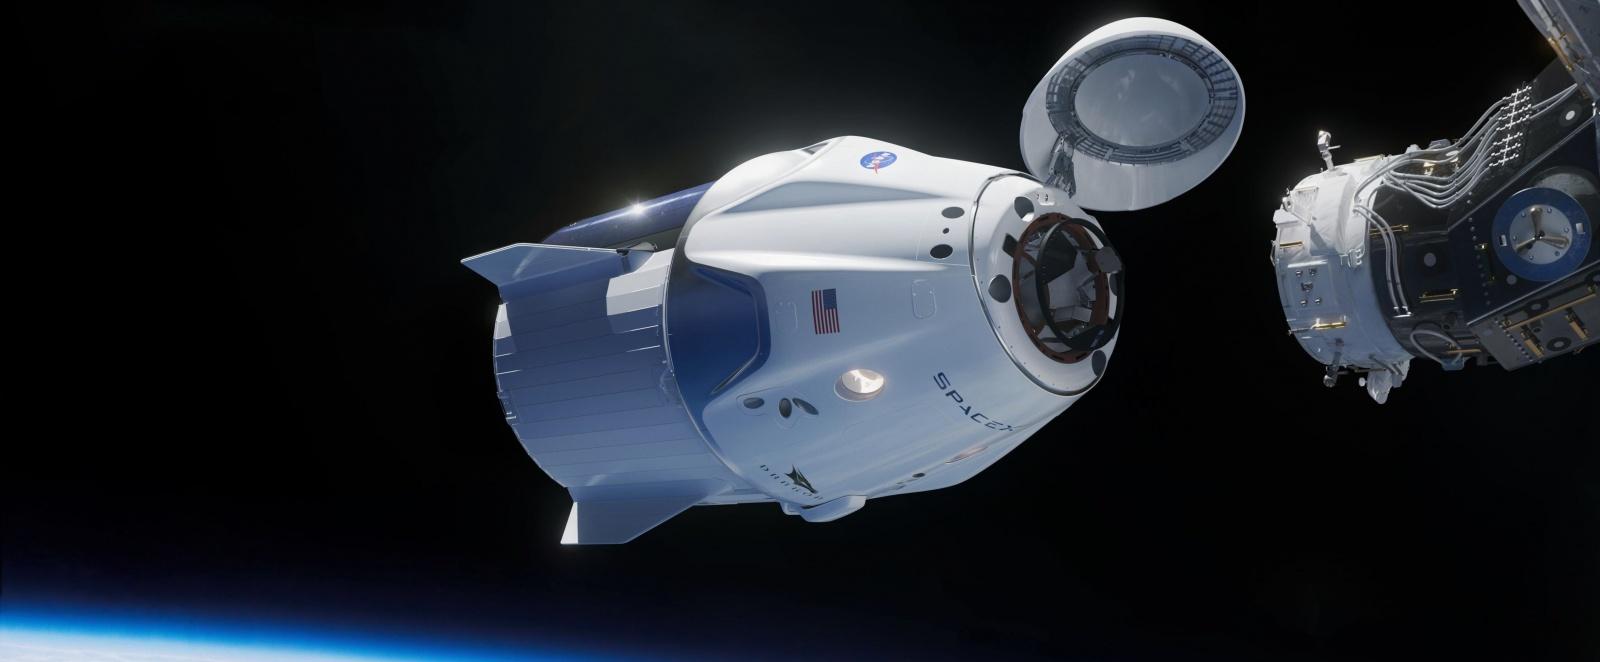 SpaceX и NASA вновь подтверждают свои намерения произвести дебютный запуск корабля Crew Dragon в январе 2019 года - 5